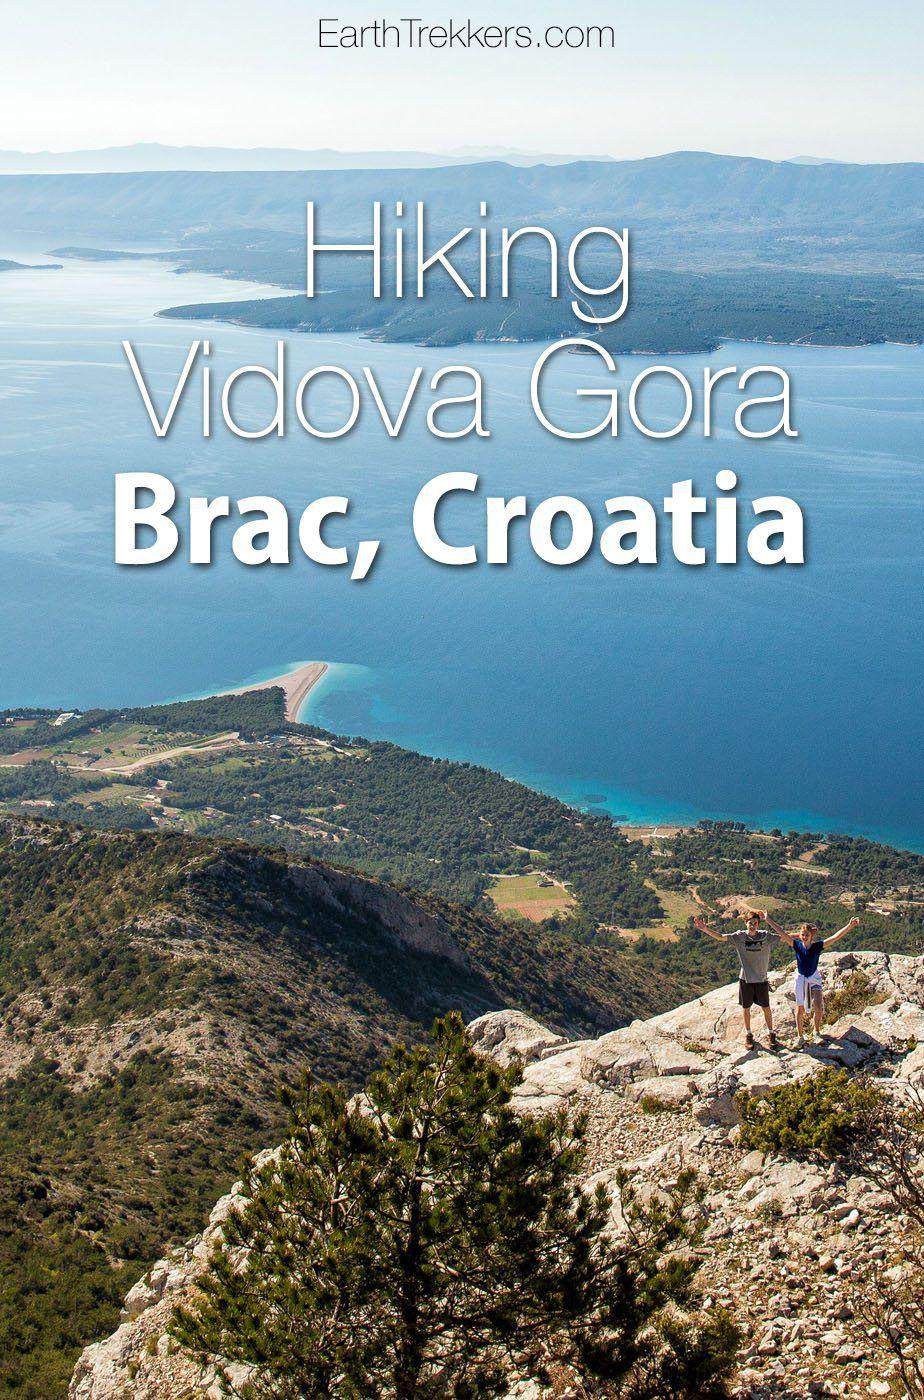 Vidova Gora Brac Croatia